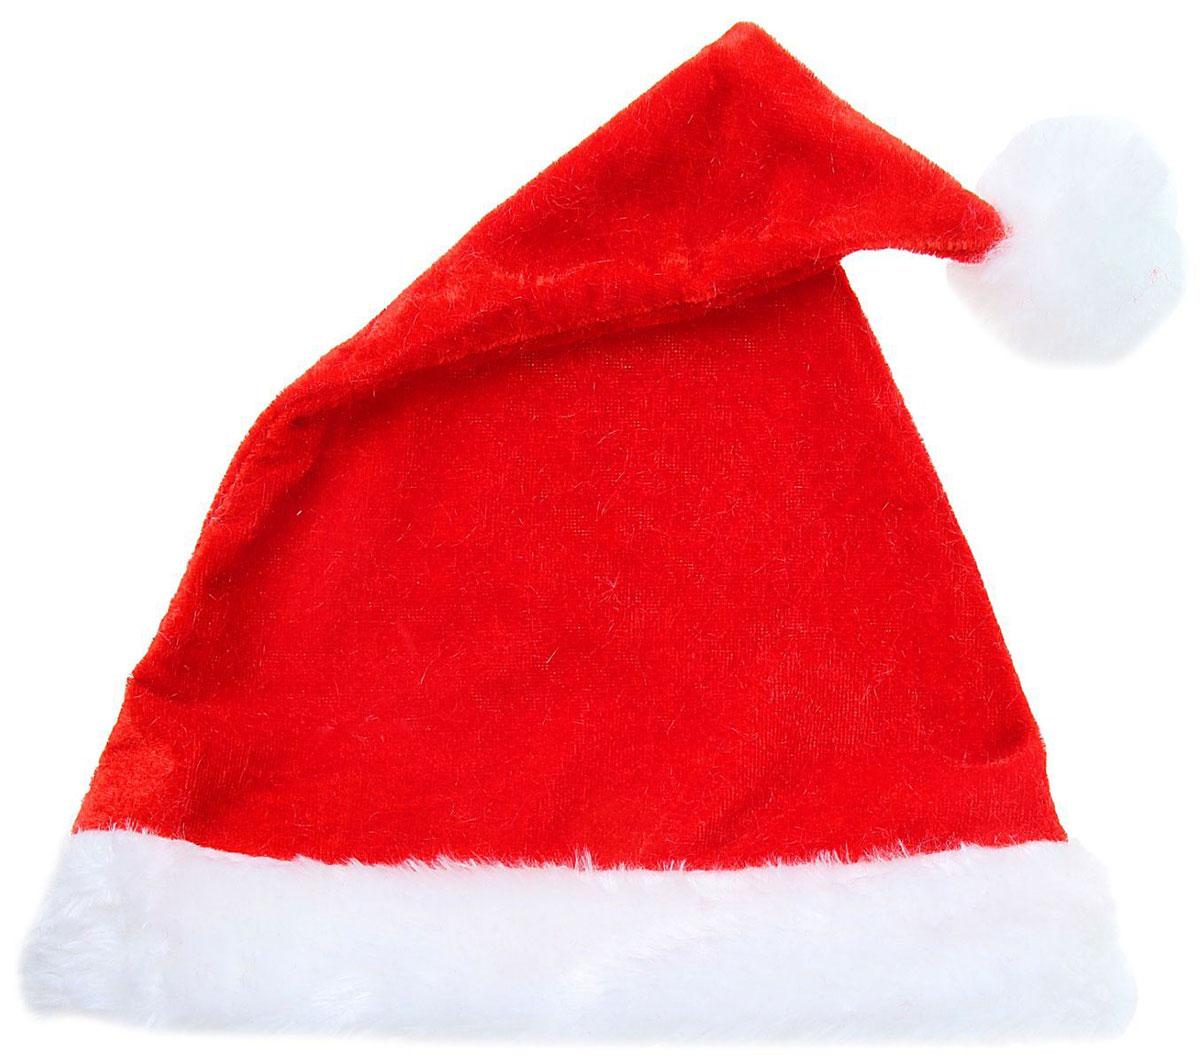 Колпак новогодний Легкий кантик, 26 х 36 см1112360Поддайтесь новогоднему веселью на полную катушку! Забавный колпак всекунду создаст праздничное настроение, будь то поздравление ребятишек иливечеринка с друзьями. Размер изделия универсальный: аксессуар подойдет какдля ребенка, так и для взрослого. А мягкий текстиль позволит носить колпак скомфортом на протяжении всей новогодней ночи.